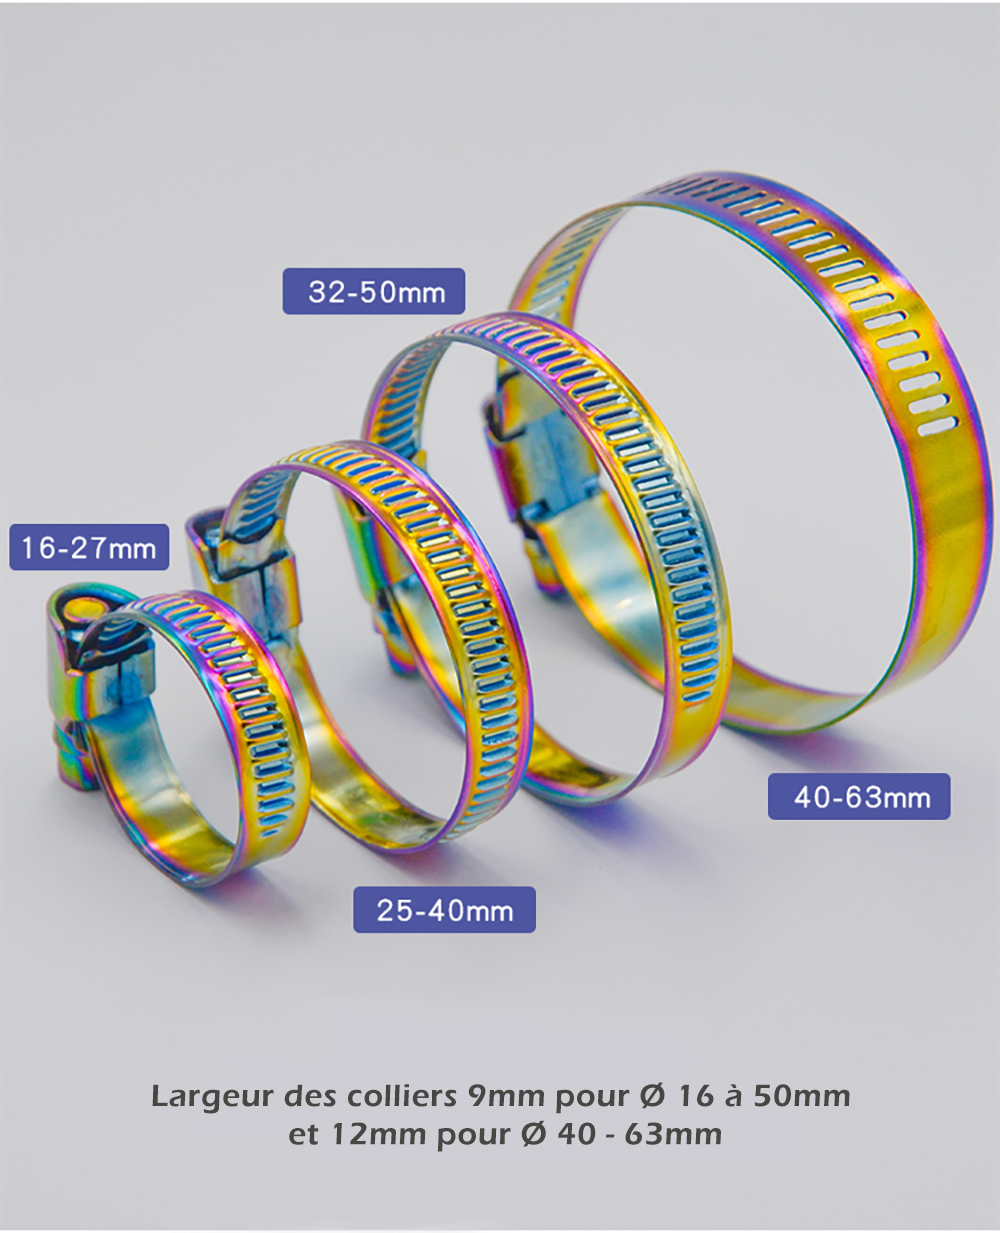 Collier de serrage en acier inoxydable couleur arc-en-ciel largeur